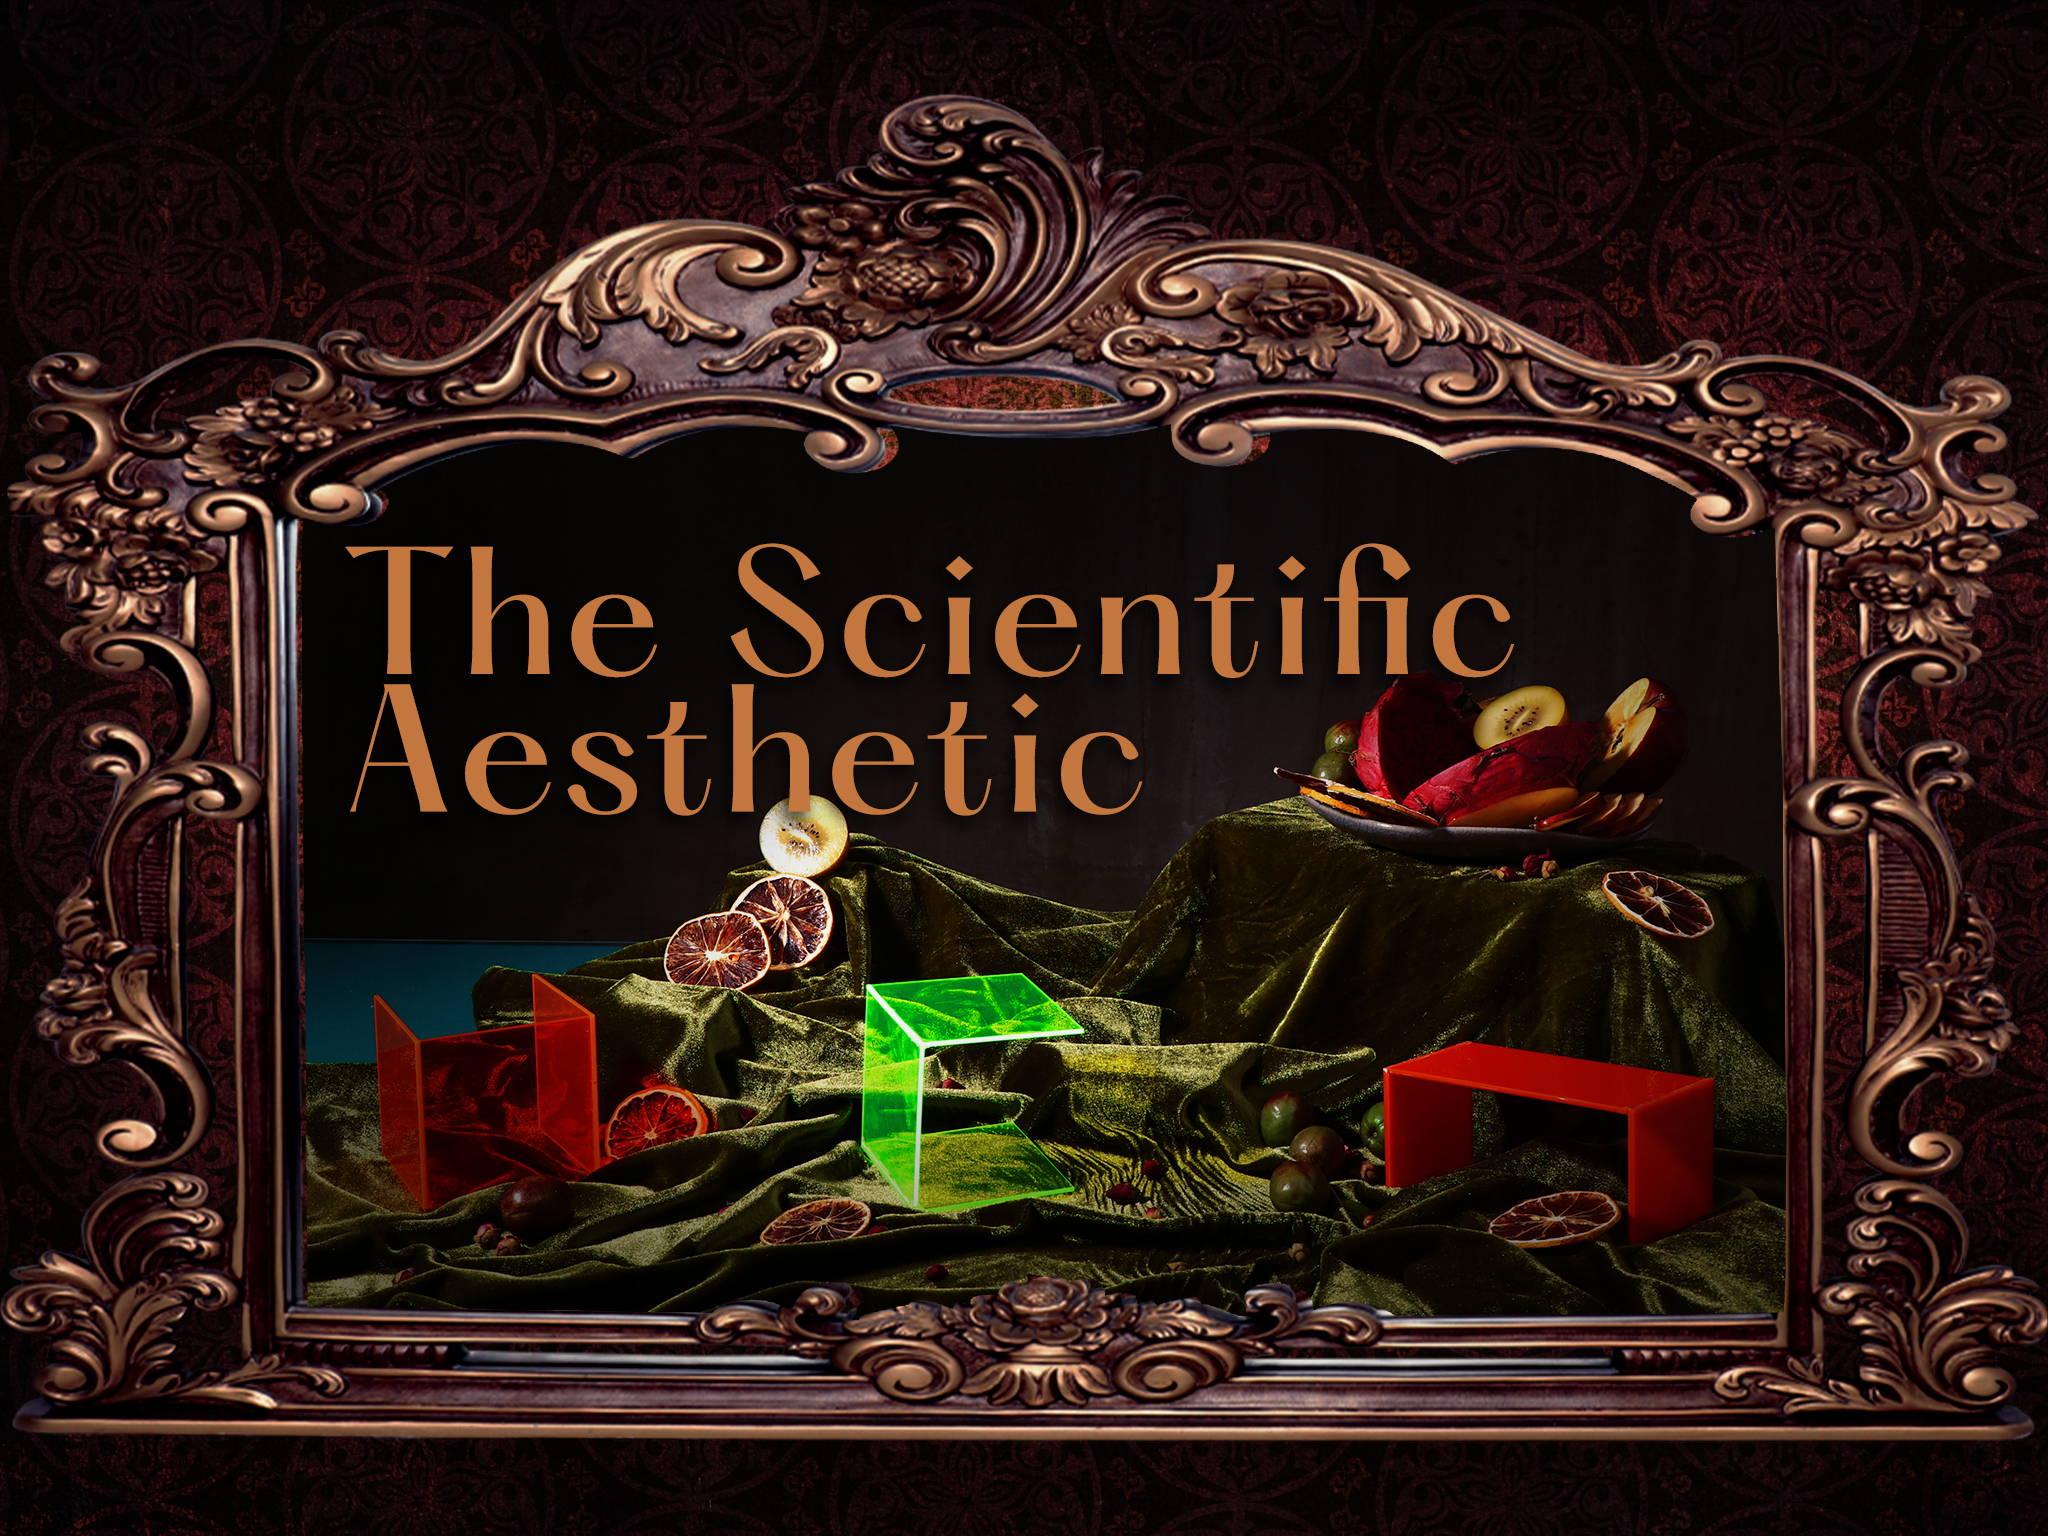 The Scientific Aesthetic - Rustans.com